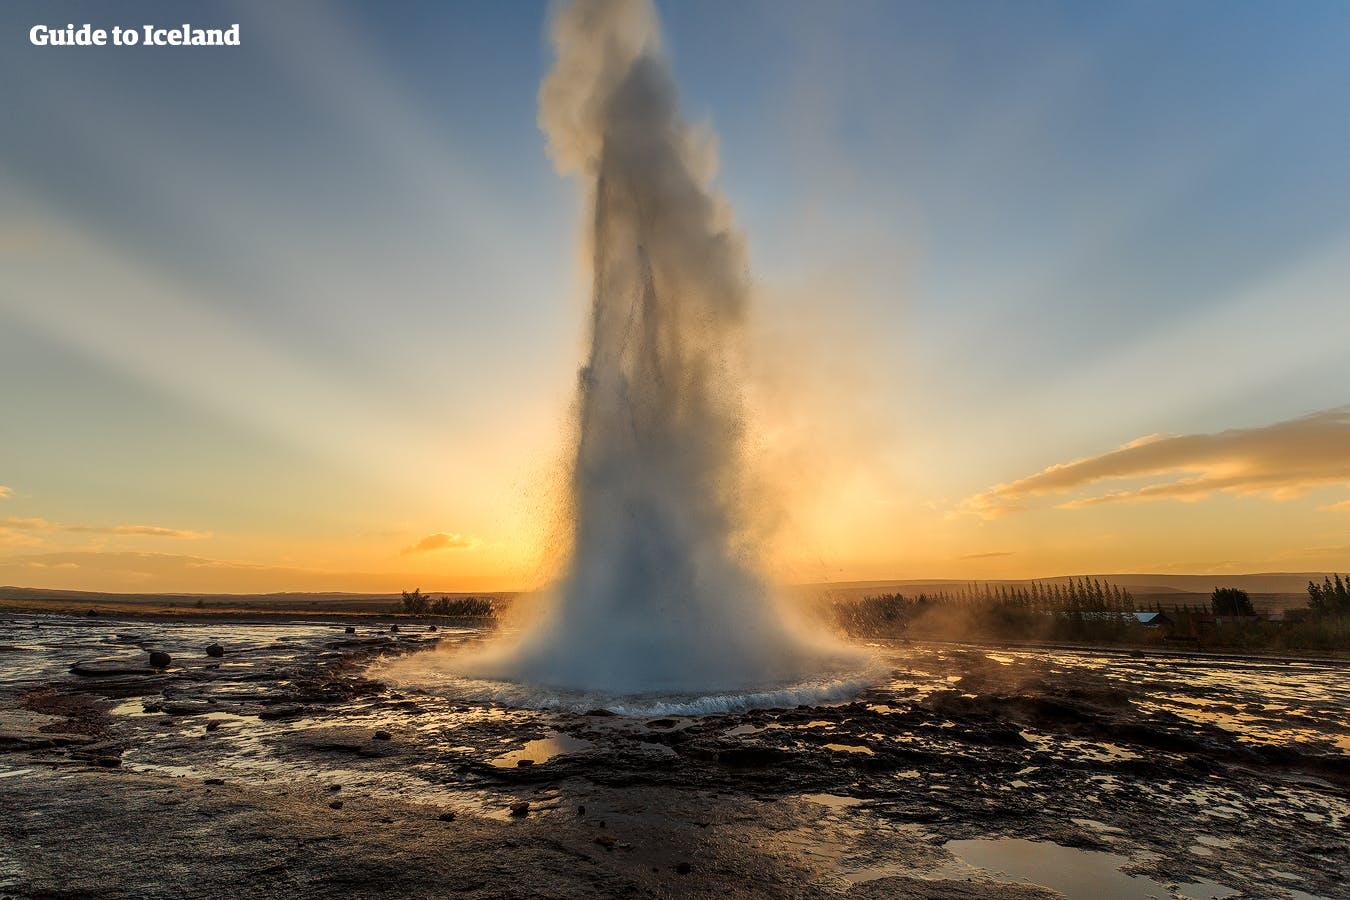 Przyleć na Islandię latem, aby podziwiać erupcję gejzera Strokkur podczas białych nocy.